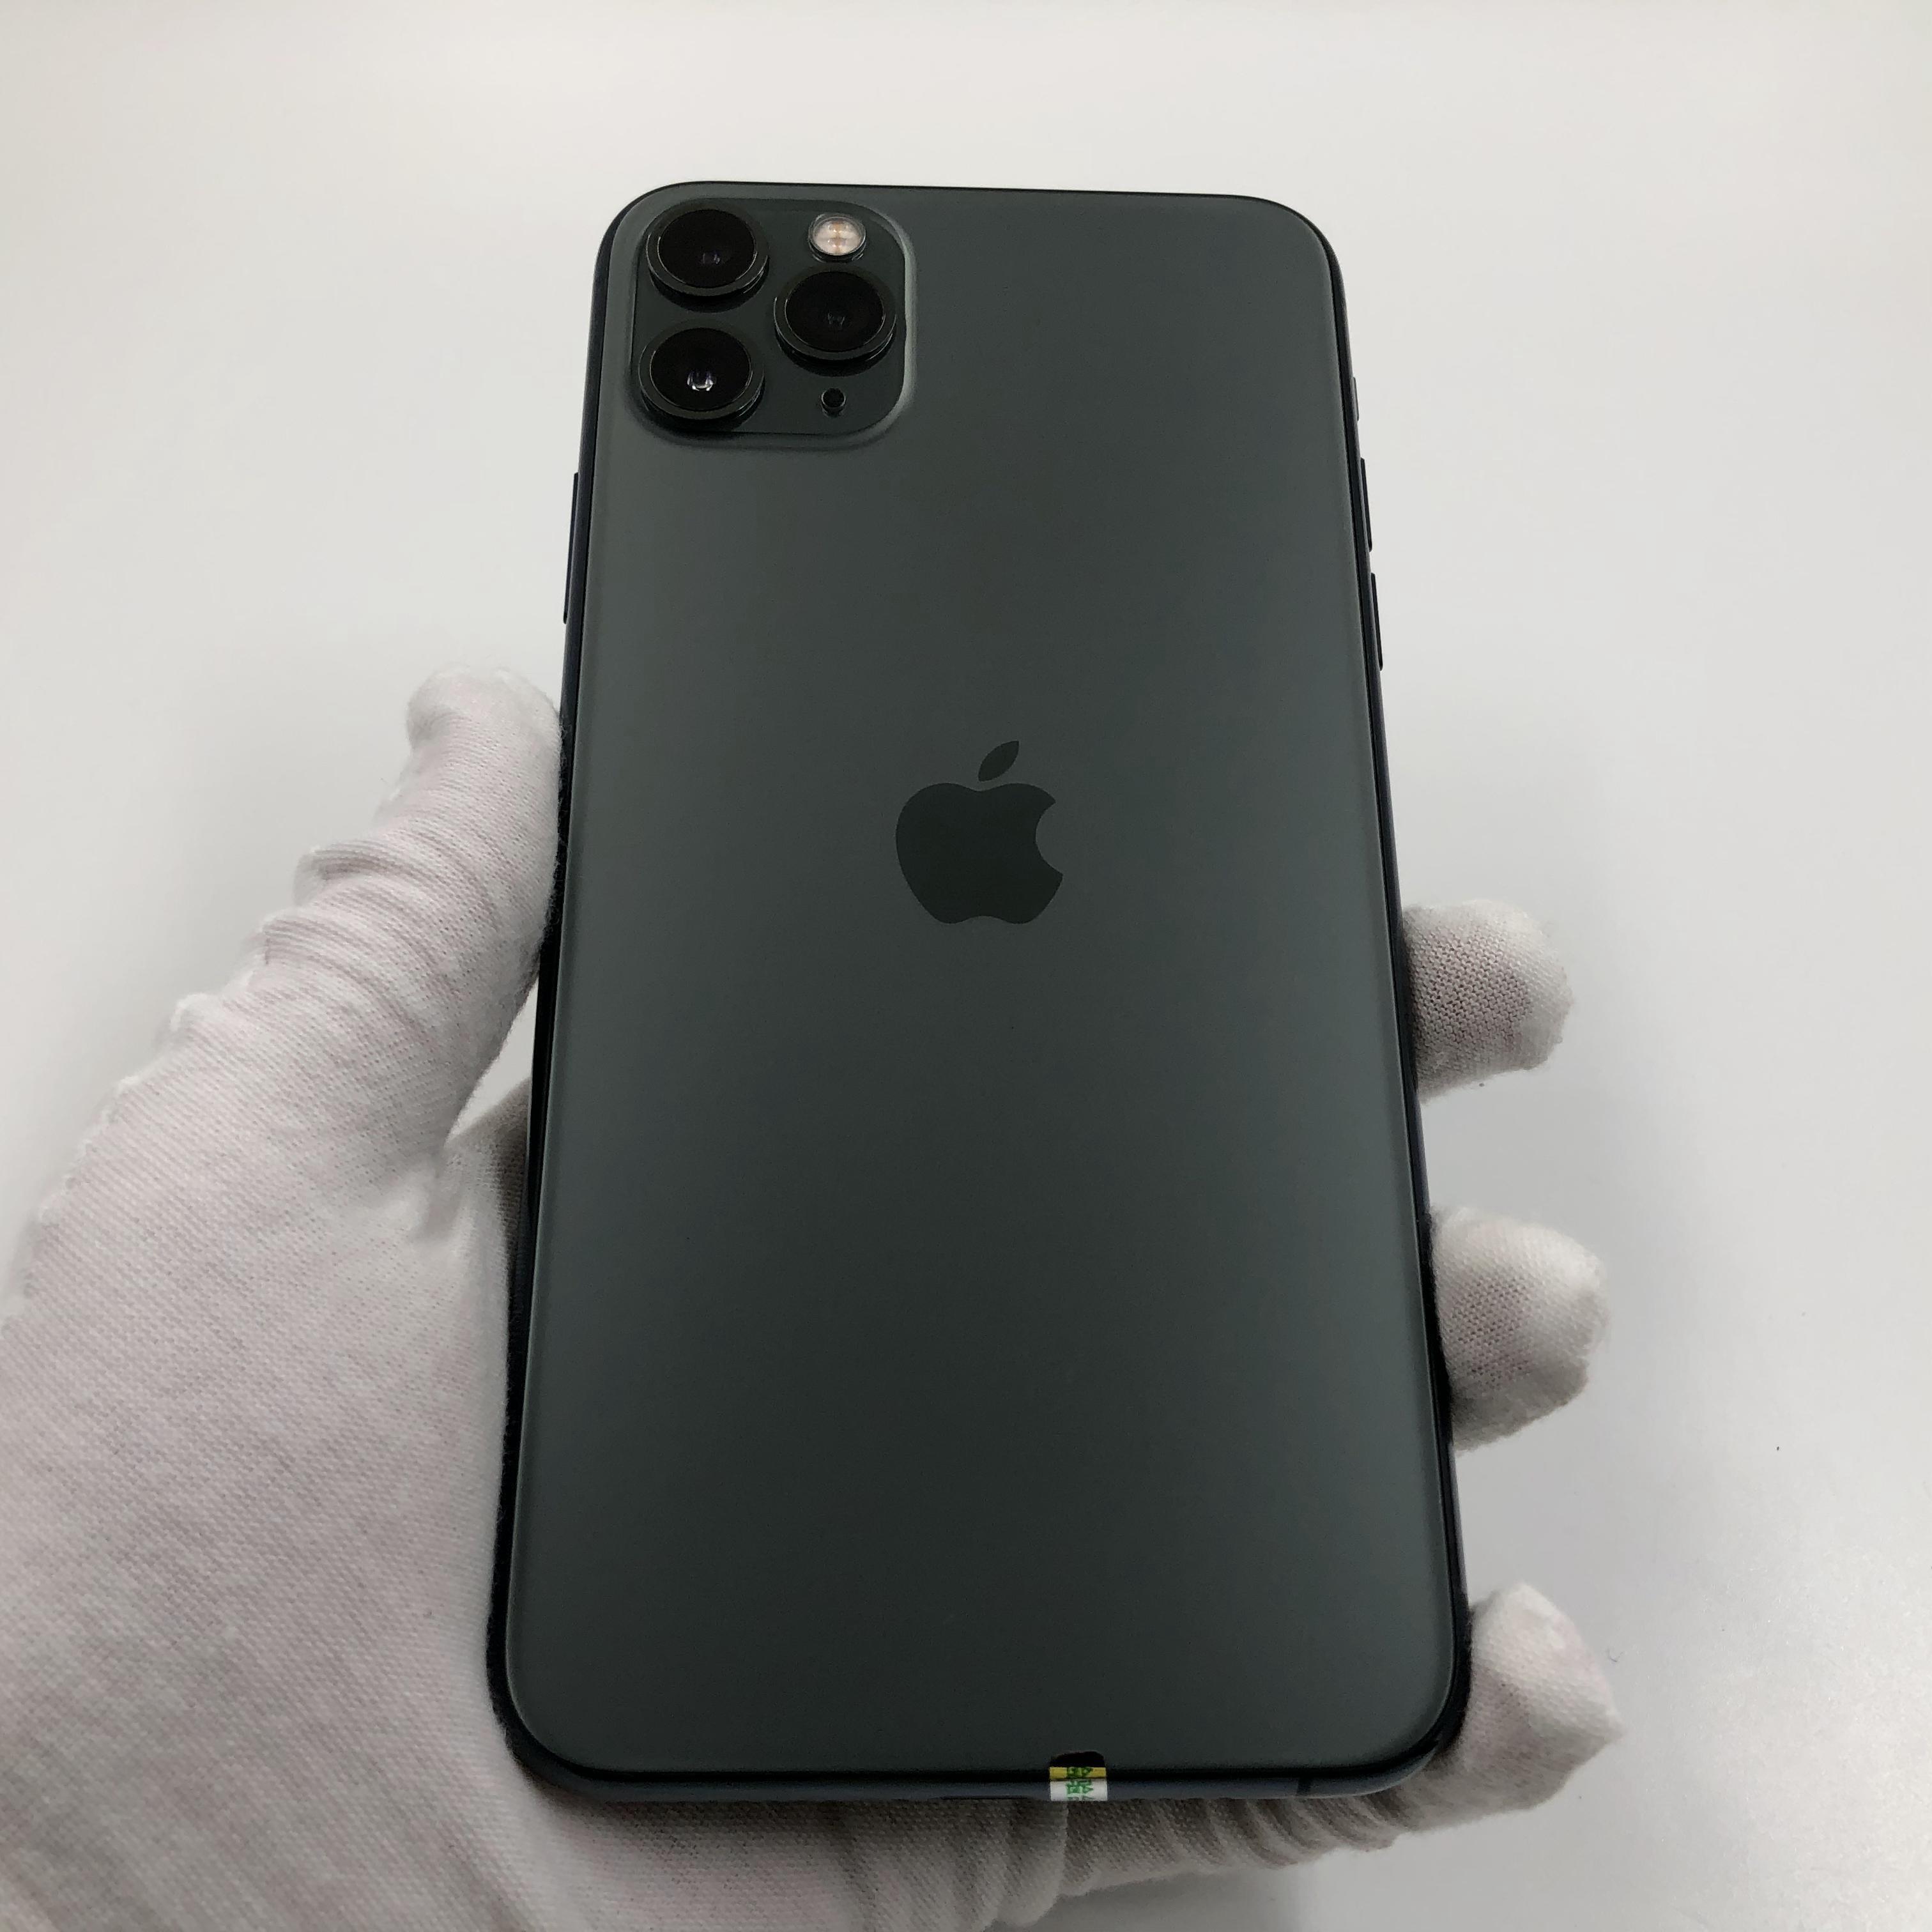 苹果【iPhone 11 Pro Max】4G全网通 暗夜绿色 256G 国行 8成新 真机实拍